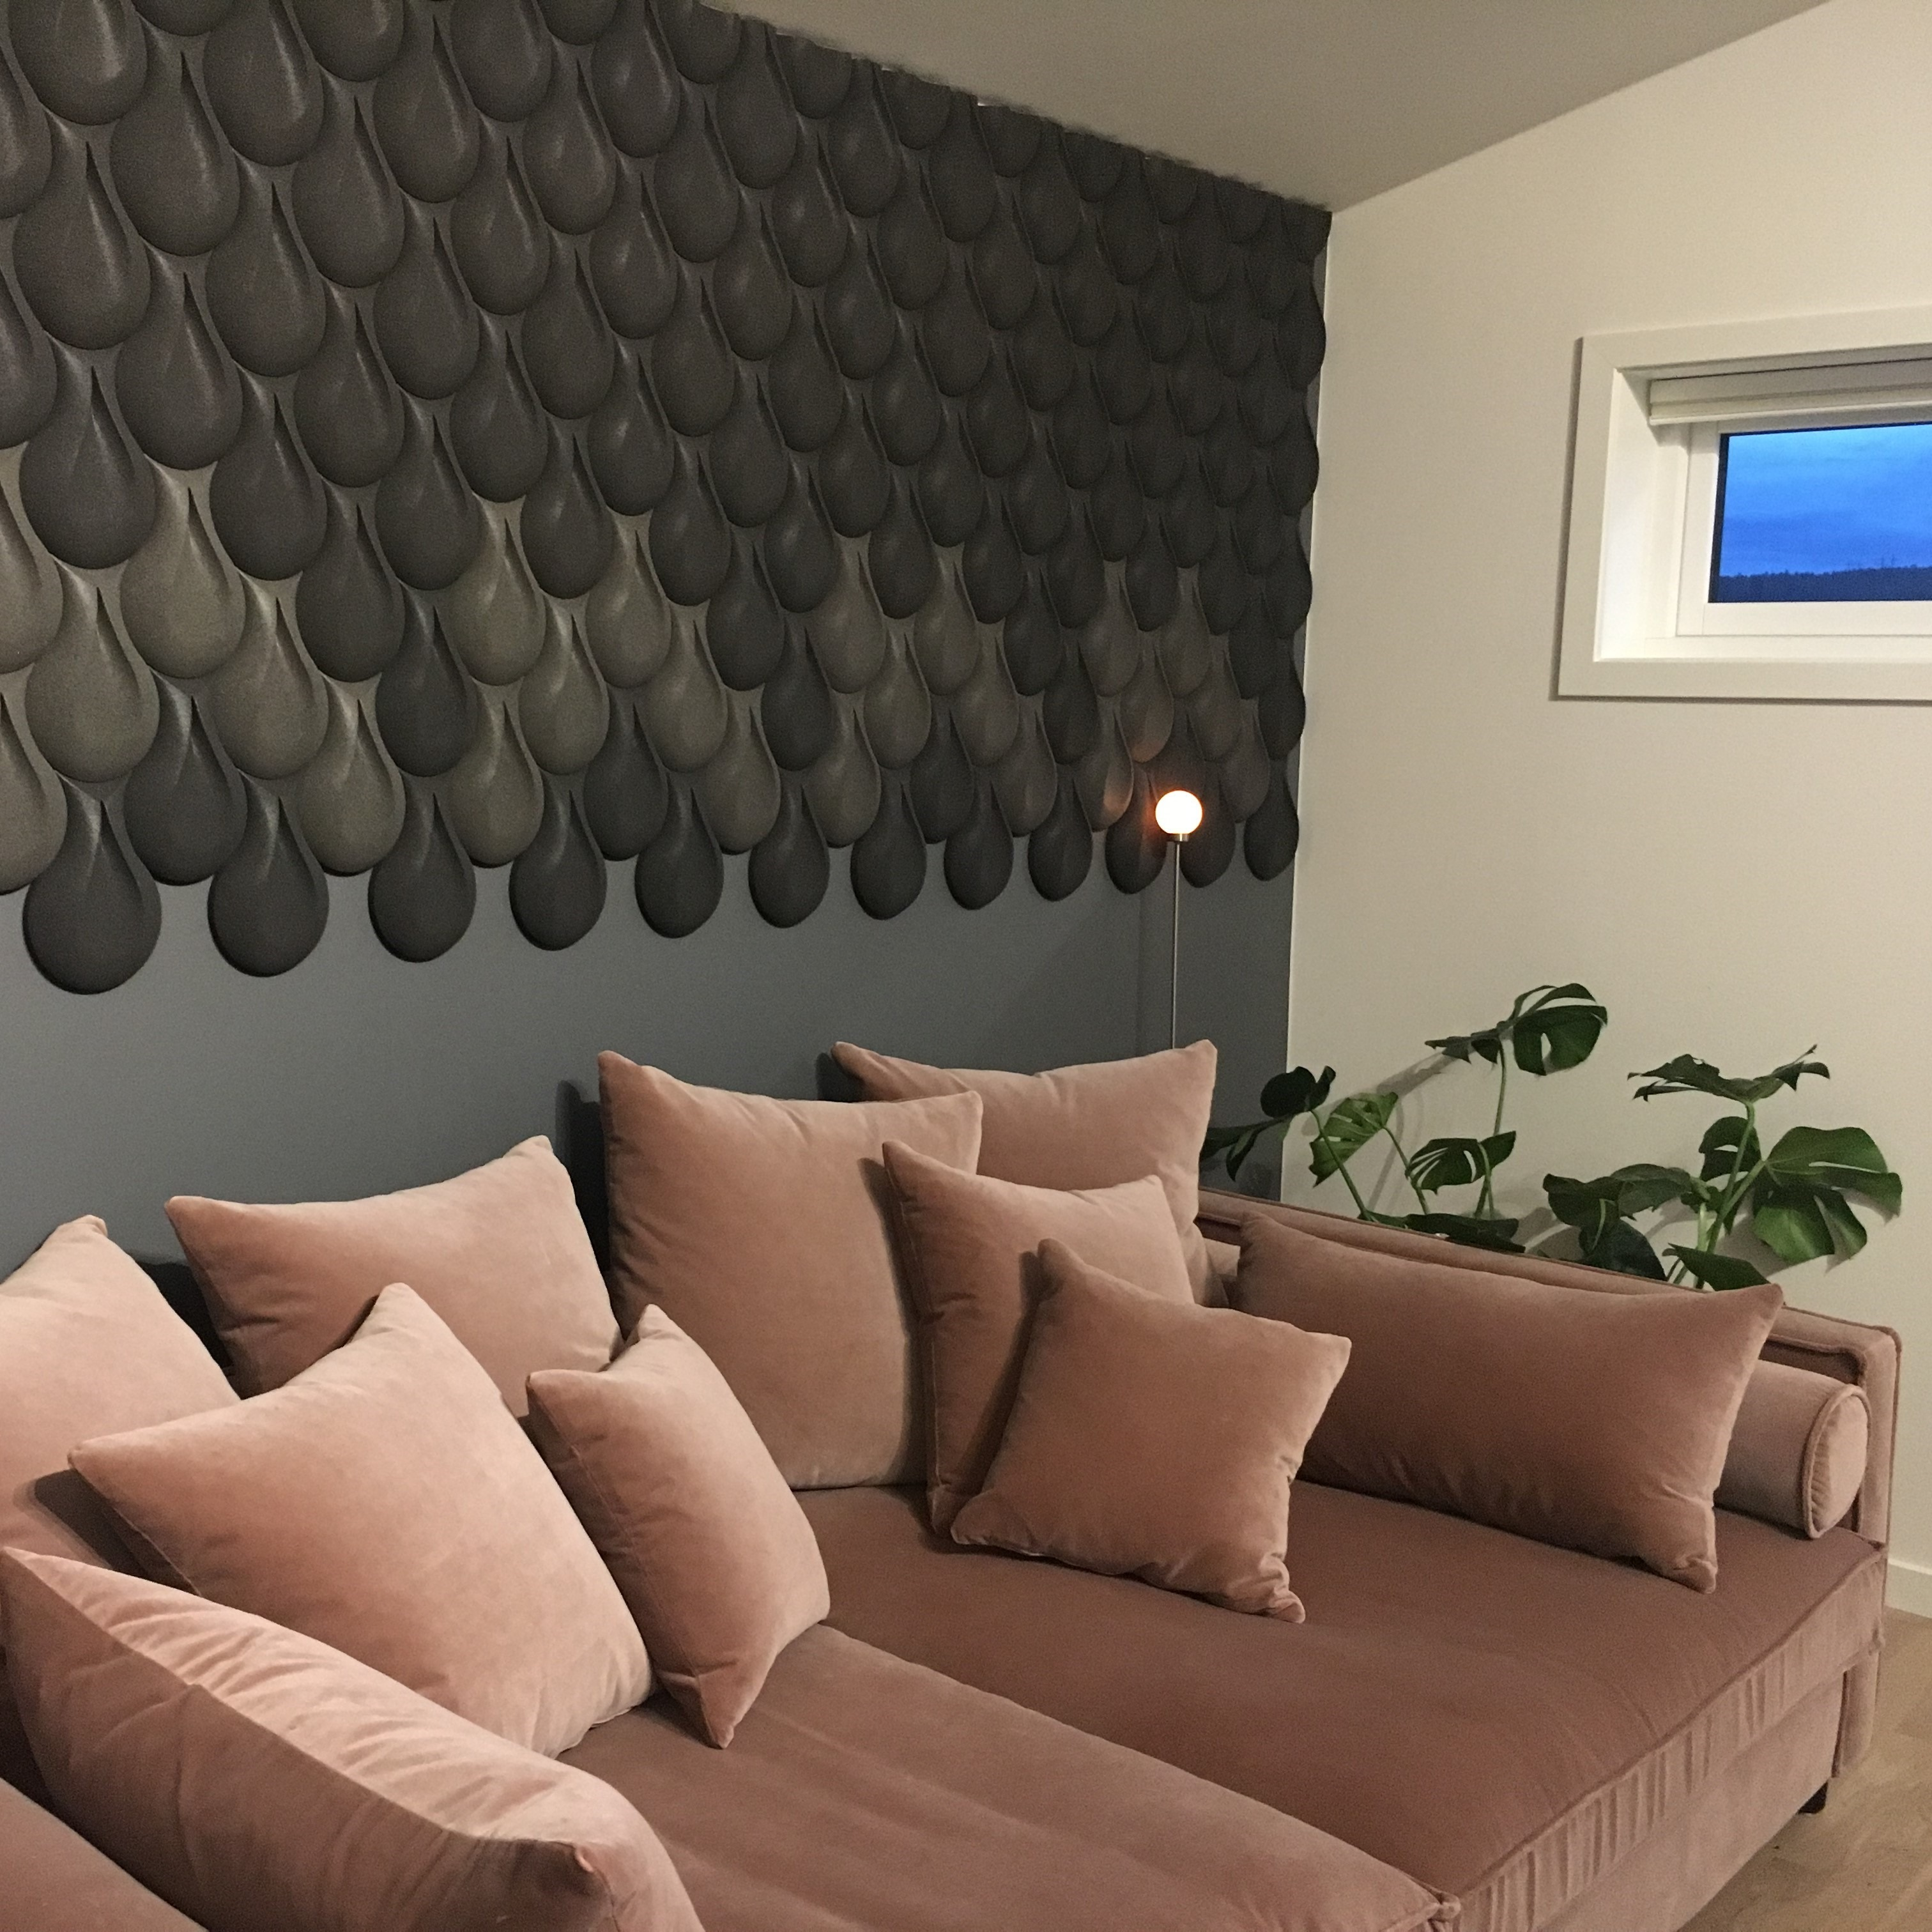 3D kork vegg i grå og brun i stue